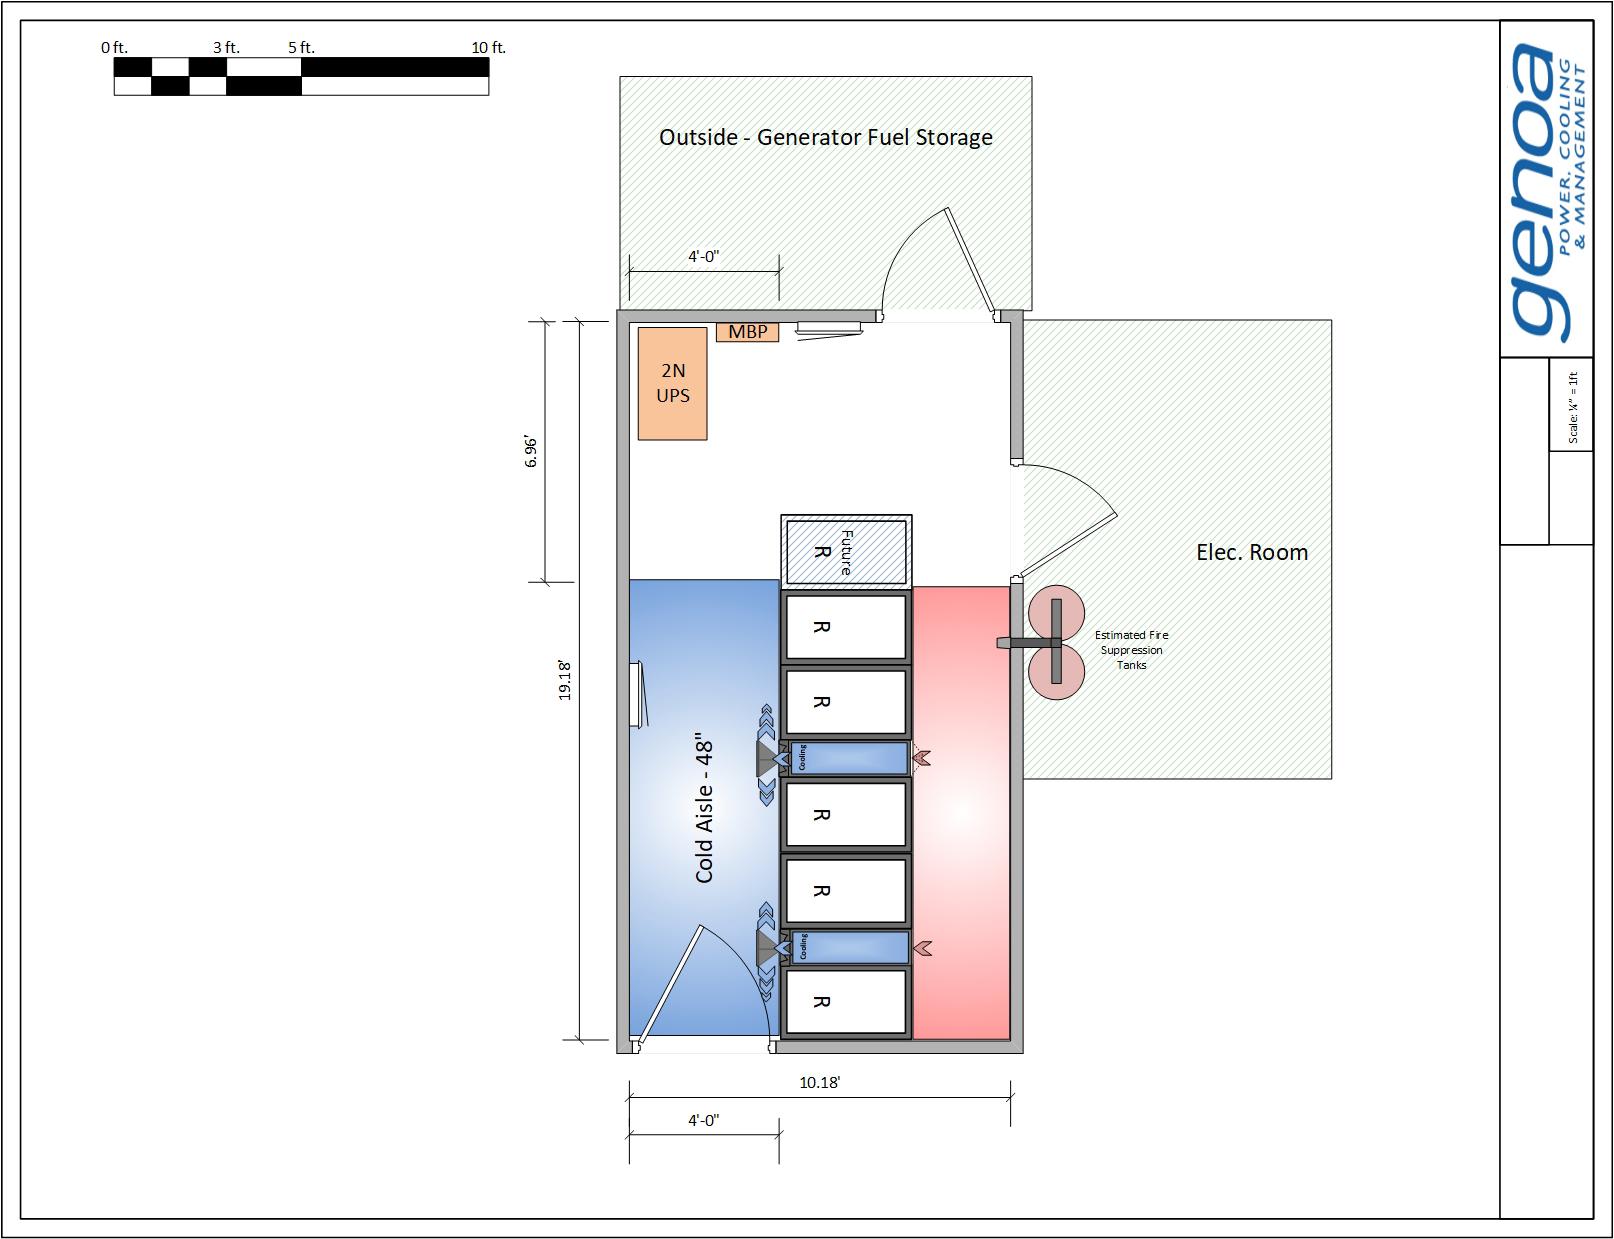 Data Center Phase 1 - 04-26-2017 - Rev 3.jpg